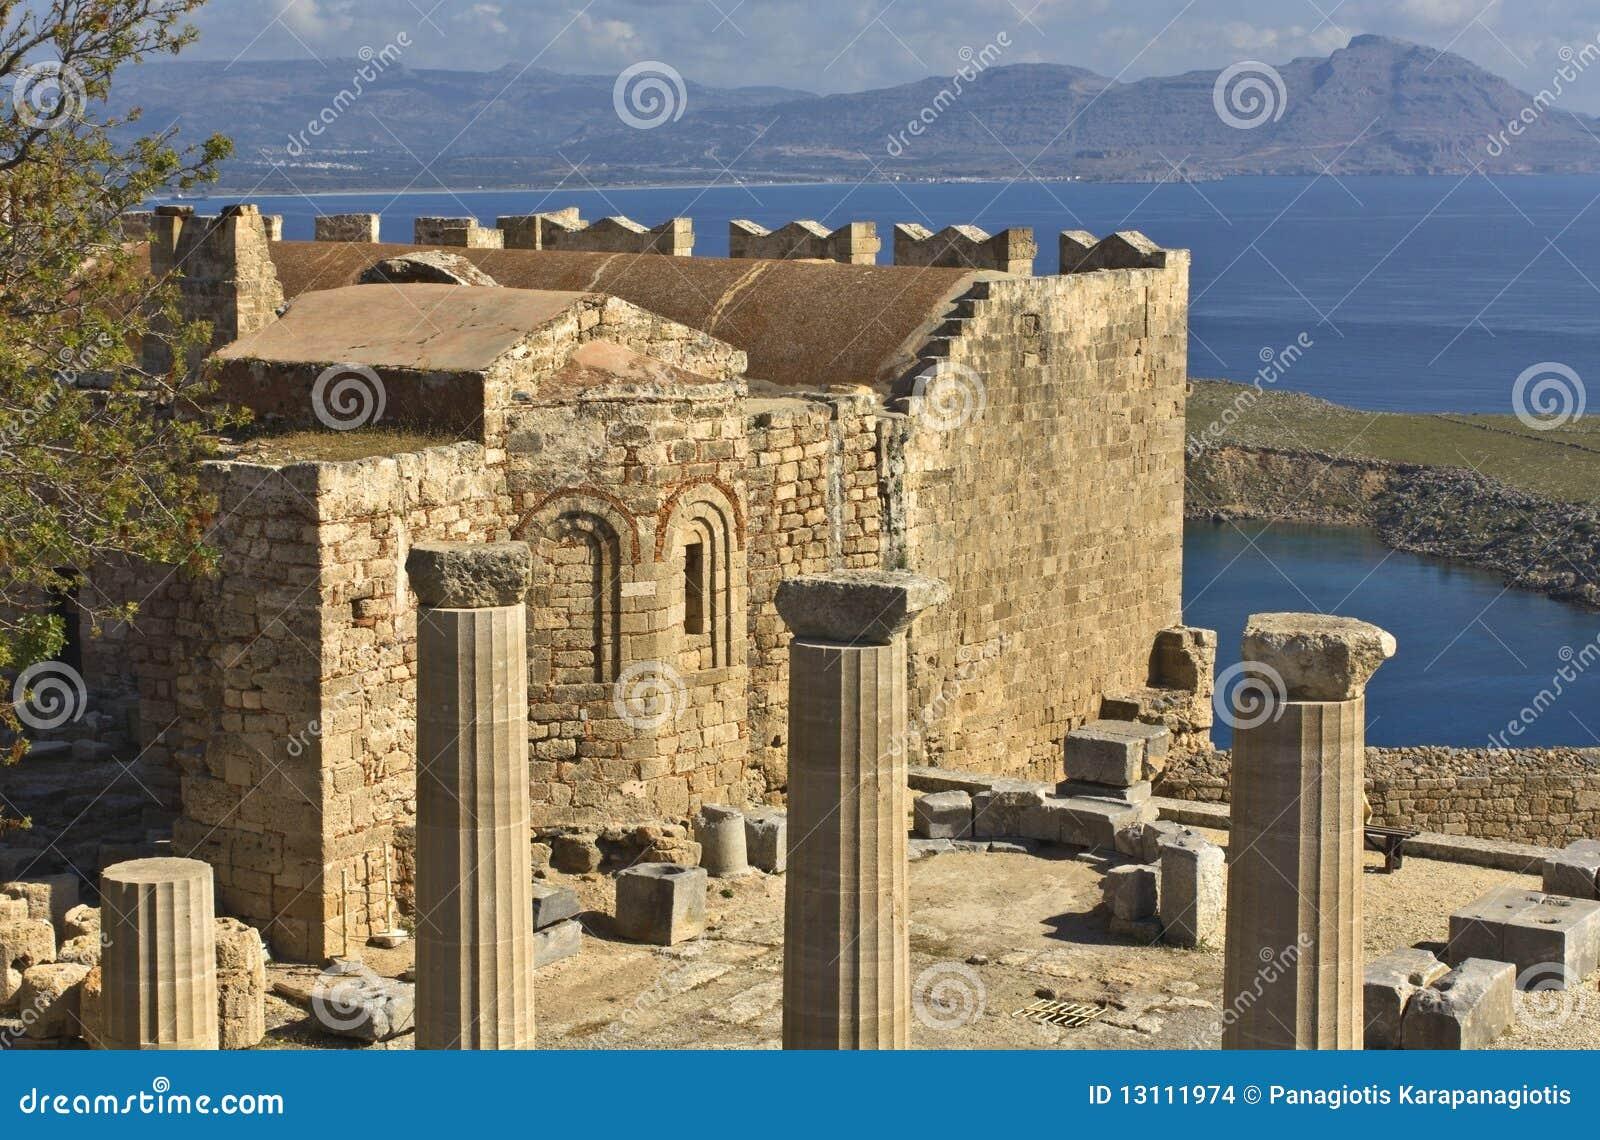 αρχαία Lindos Ρόδος ακρόπολη Στοκ Εικόνες - εικόνα από αντίθεσης ...